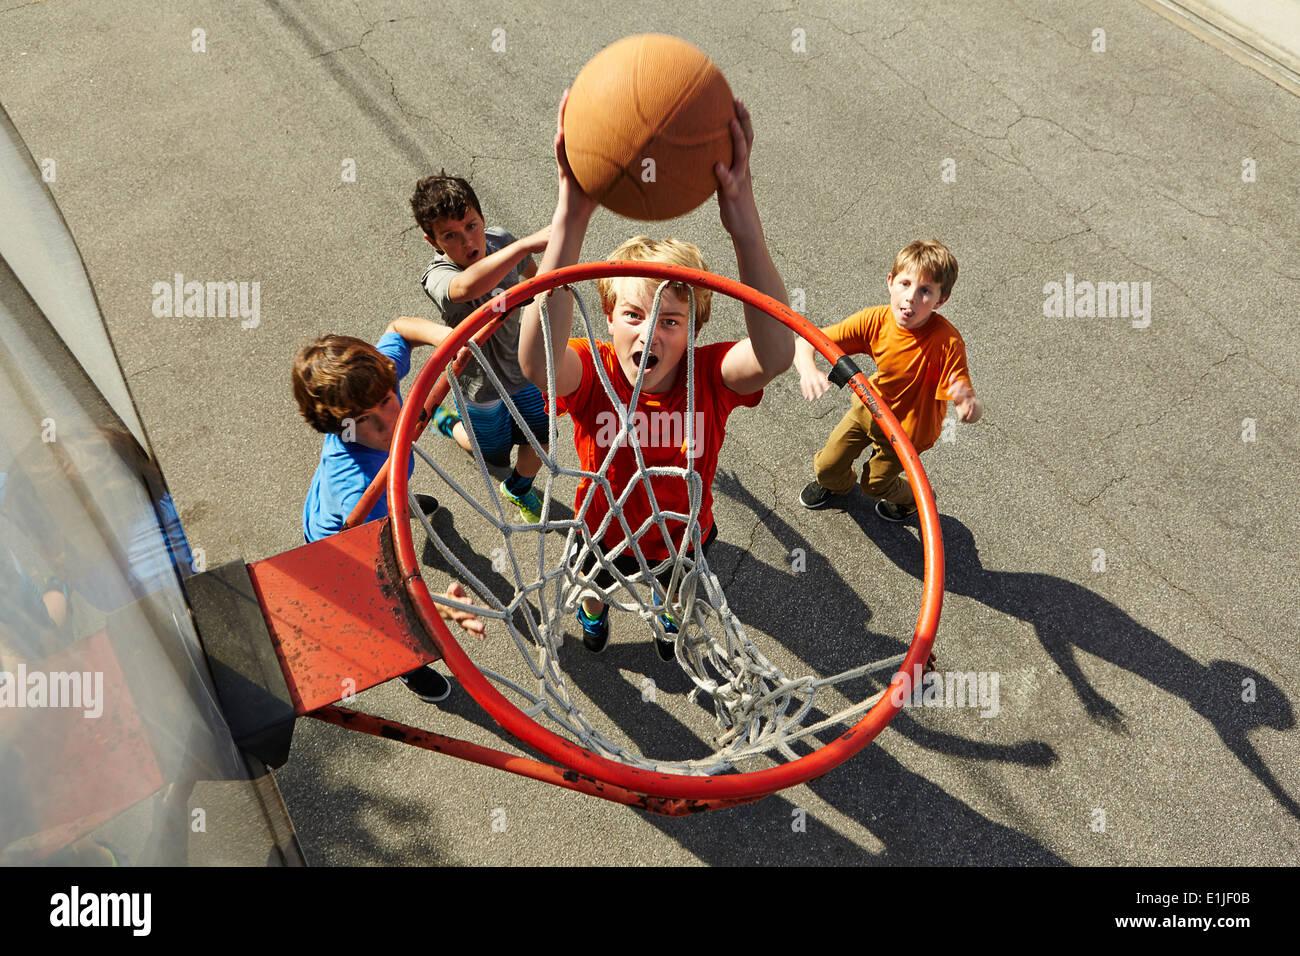 Boys playing basketball, high angle - Stock Image